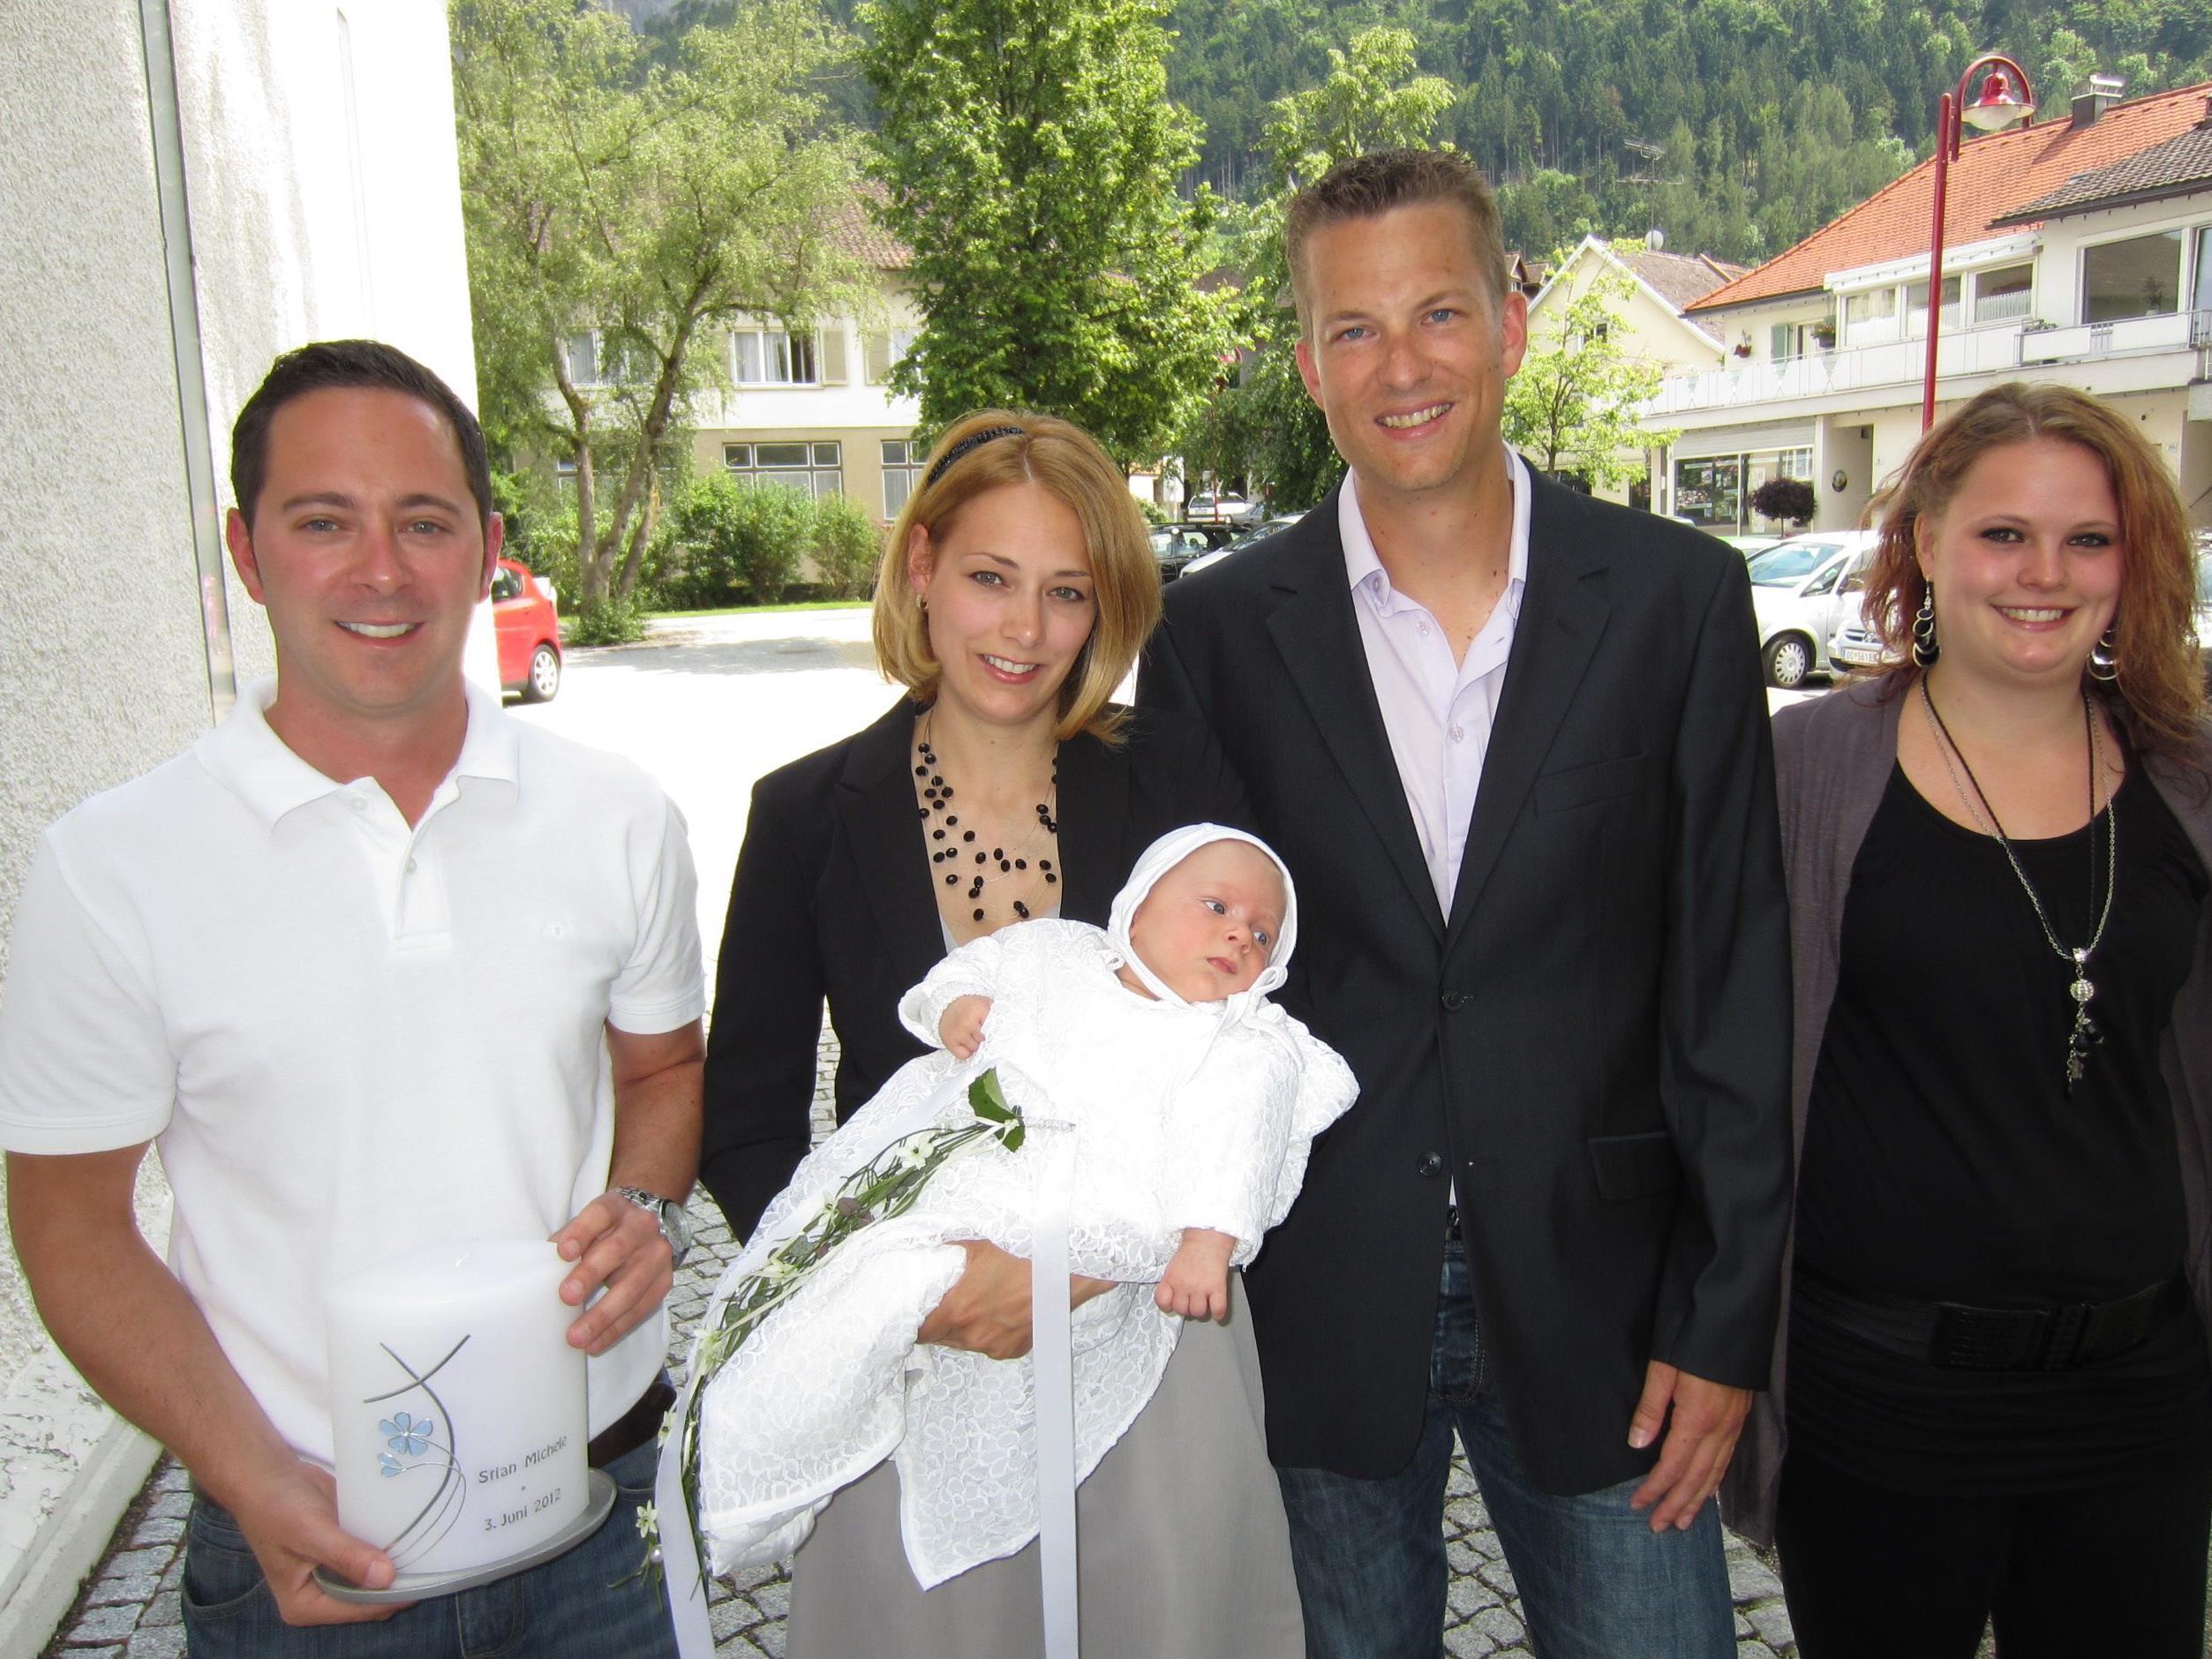 Stian Michele Jenny wurde getauft.